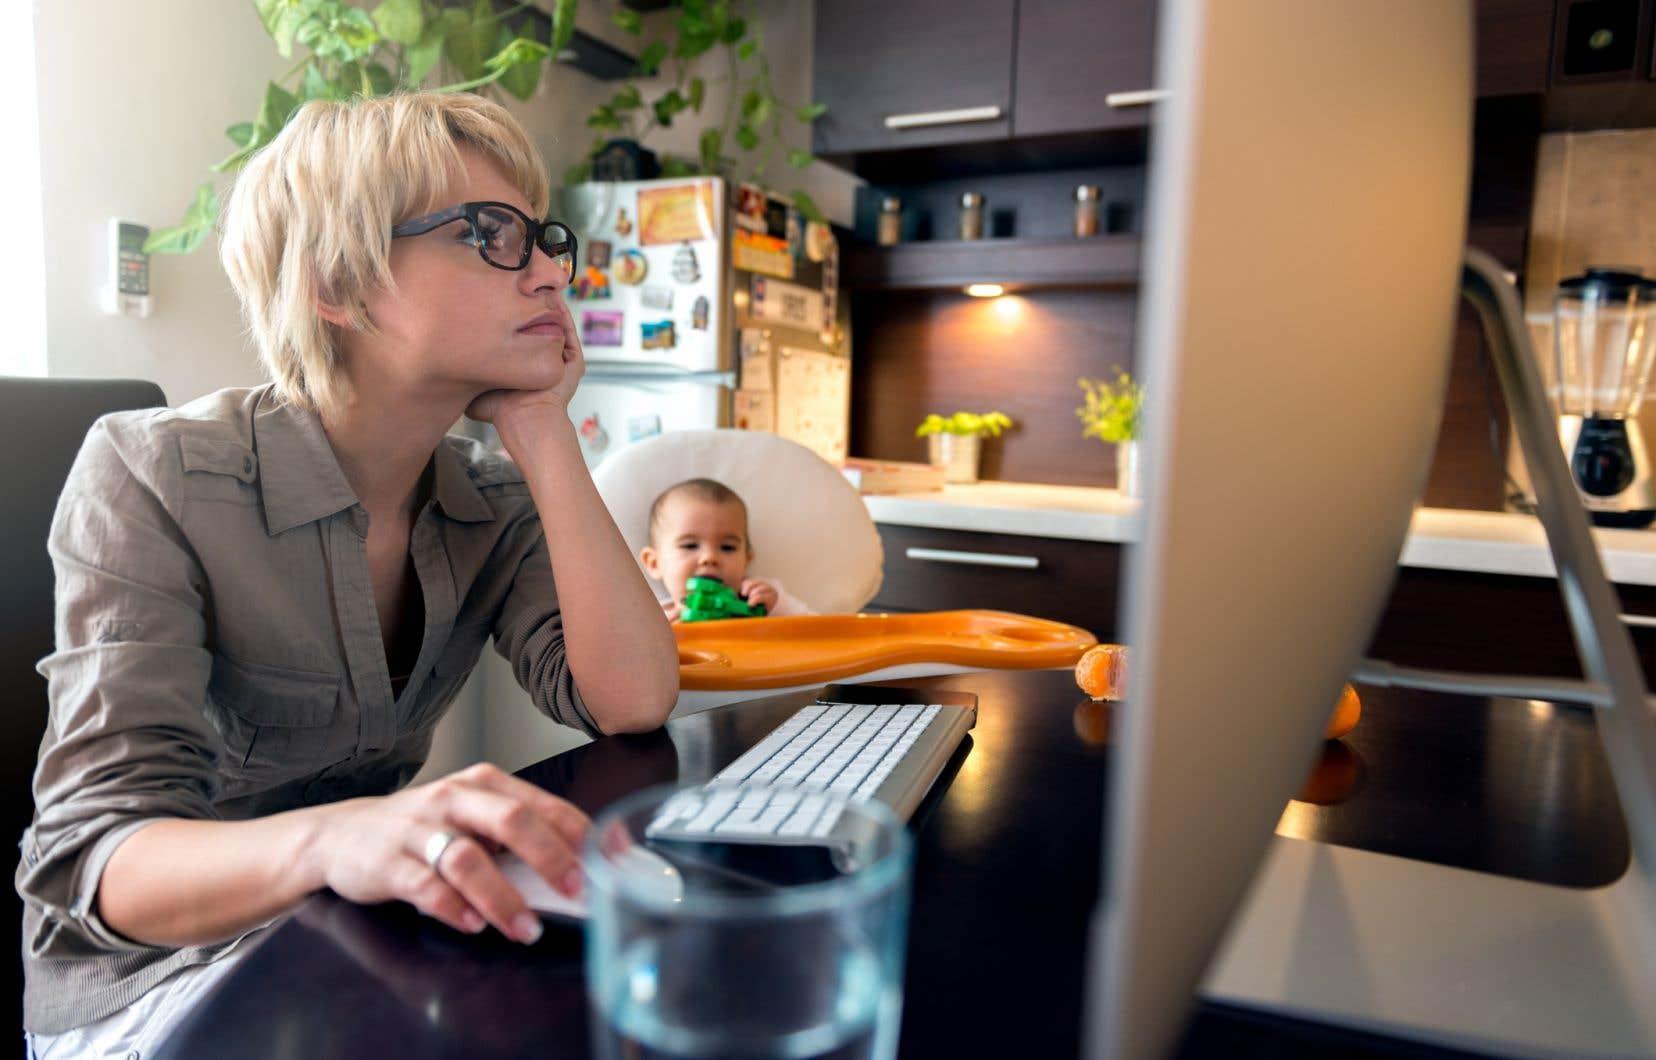 <p>Les données indiquent que le tiers des répondants en télétravail estiment que leur productivité a augmenté.</p>